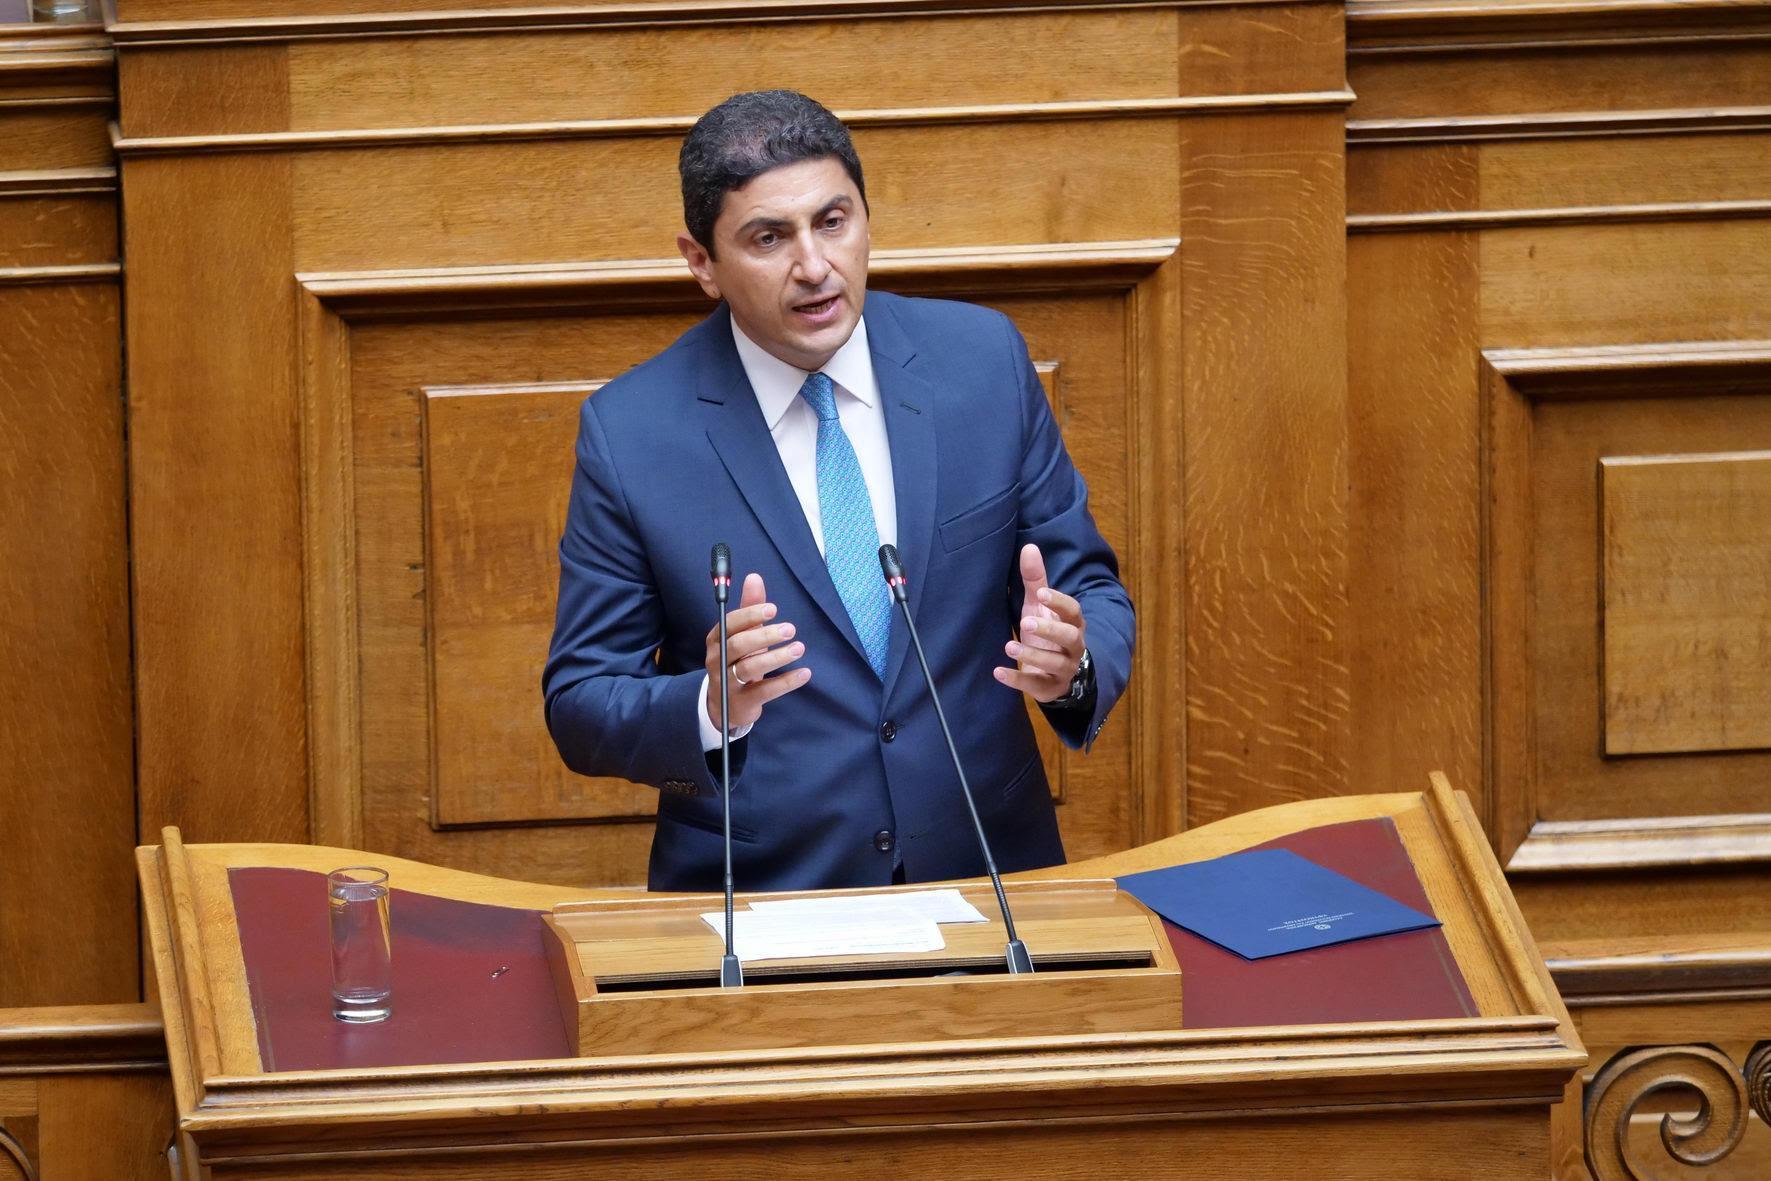 0-1-87 Λ. Αυγενάκης: Ξεκινάμε μια νέα κοινοβουλευτική περίοδο με αισιοδοξία,όραμα και σχέδιο!